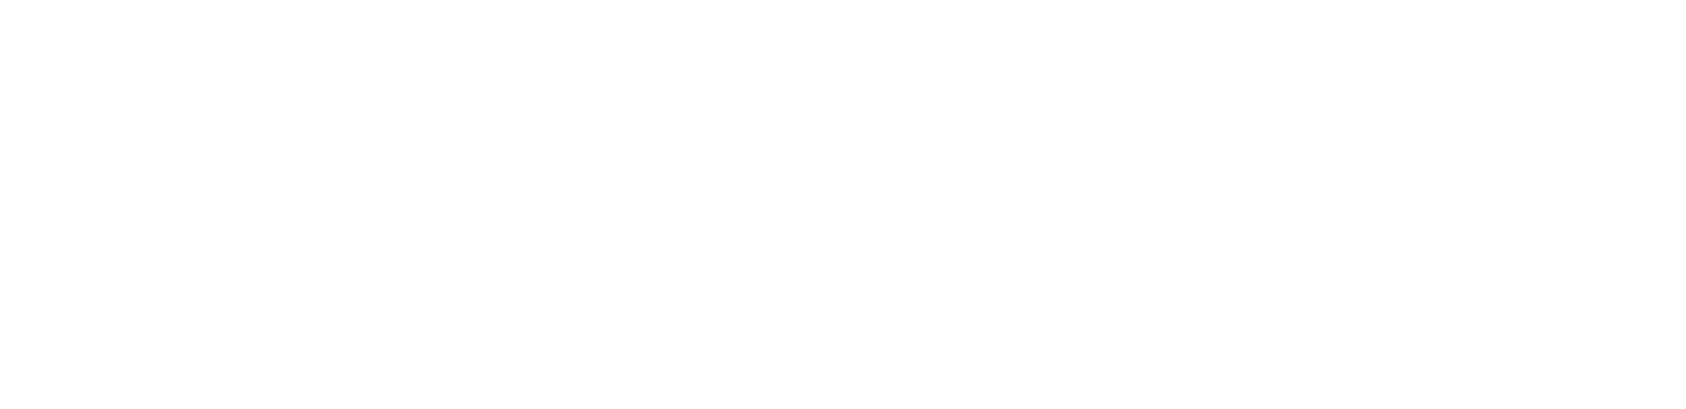 Paga por medio de PayPal sin crear una cuenta